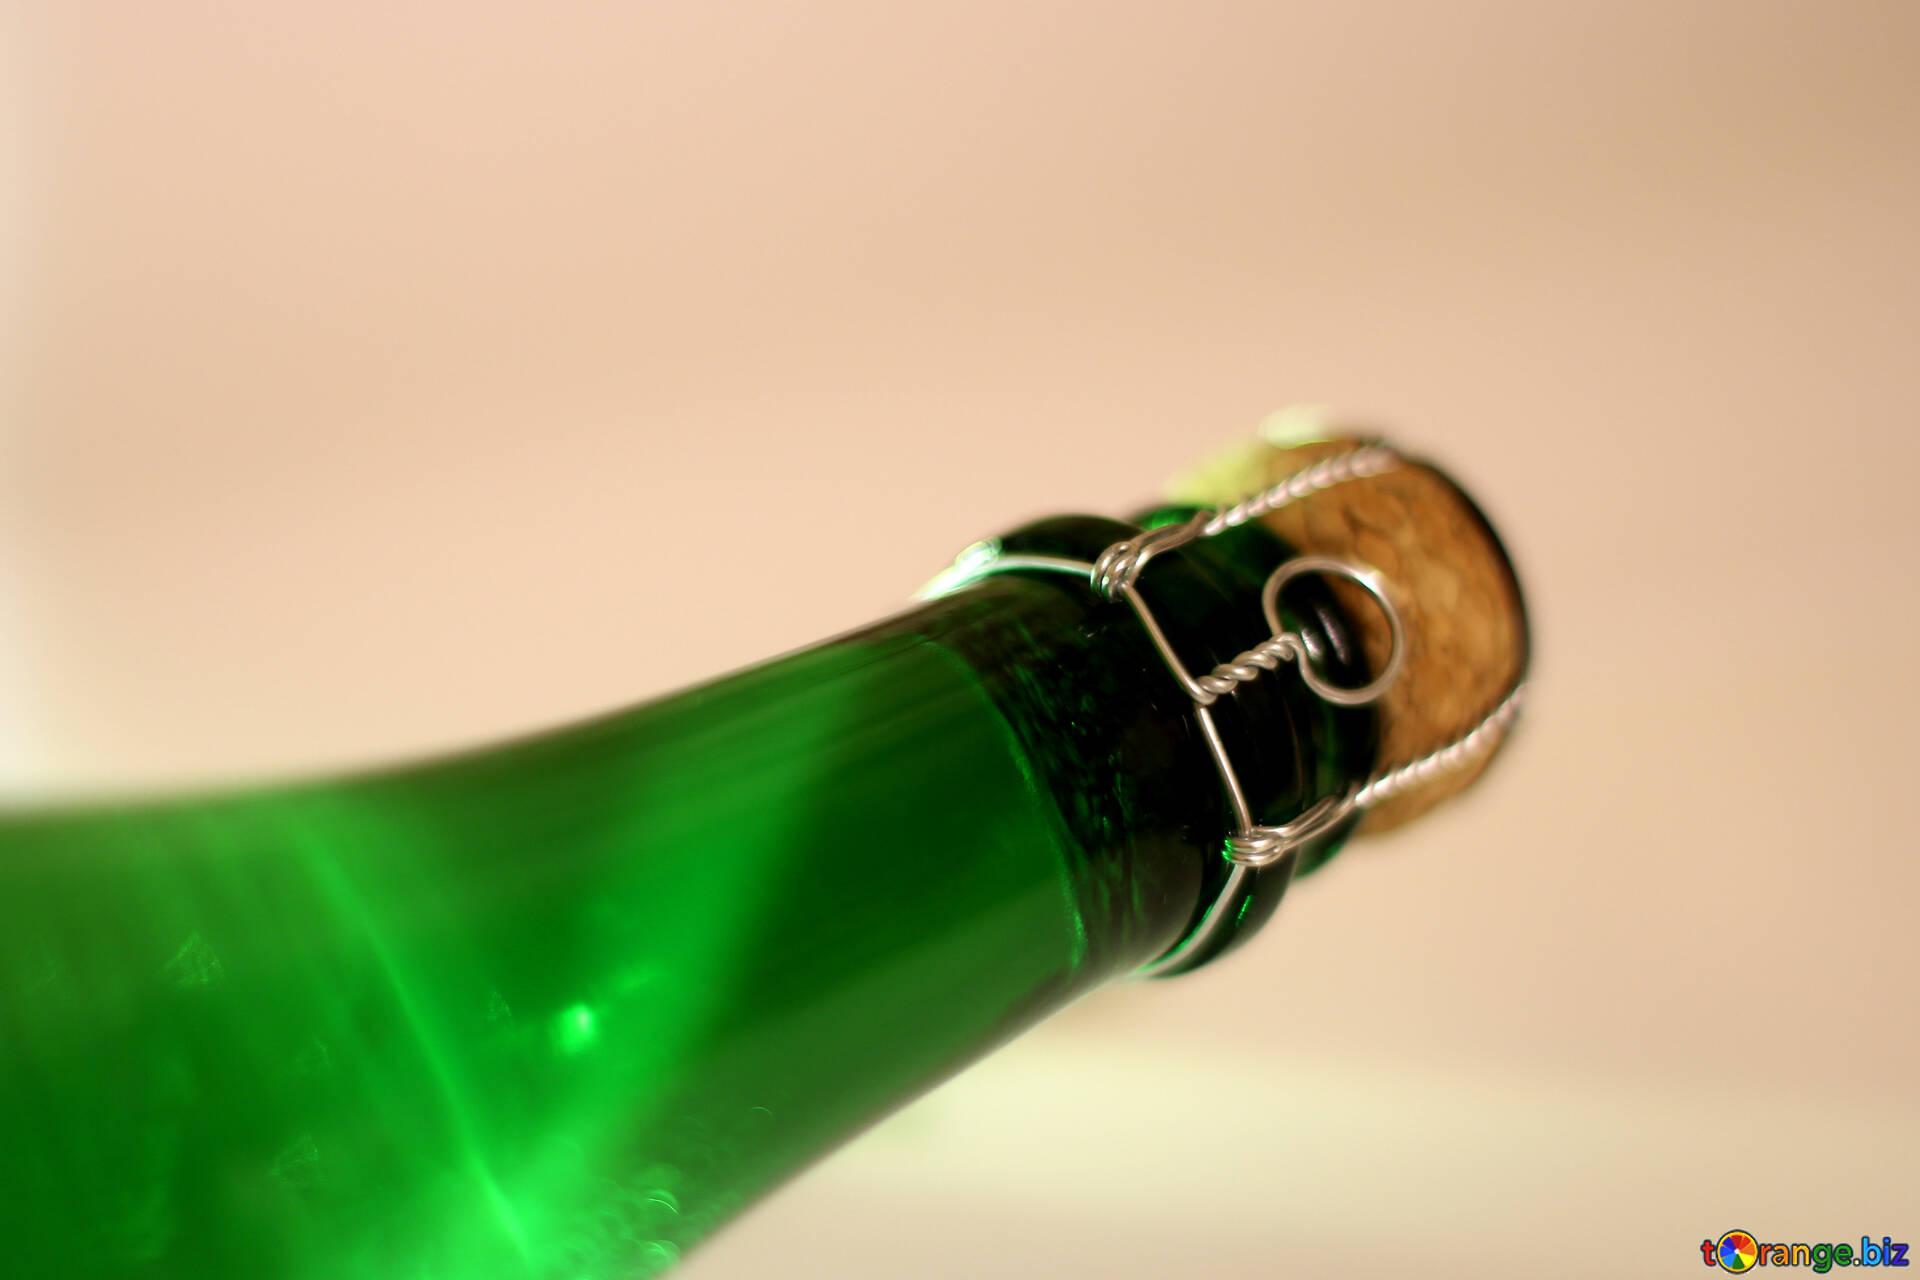 Суёт бутылку от шампанского, Села на бутылку -видео. Смотреть Села на бутылку 27 фотография